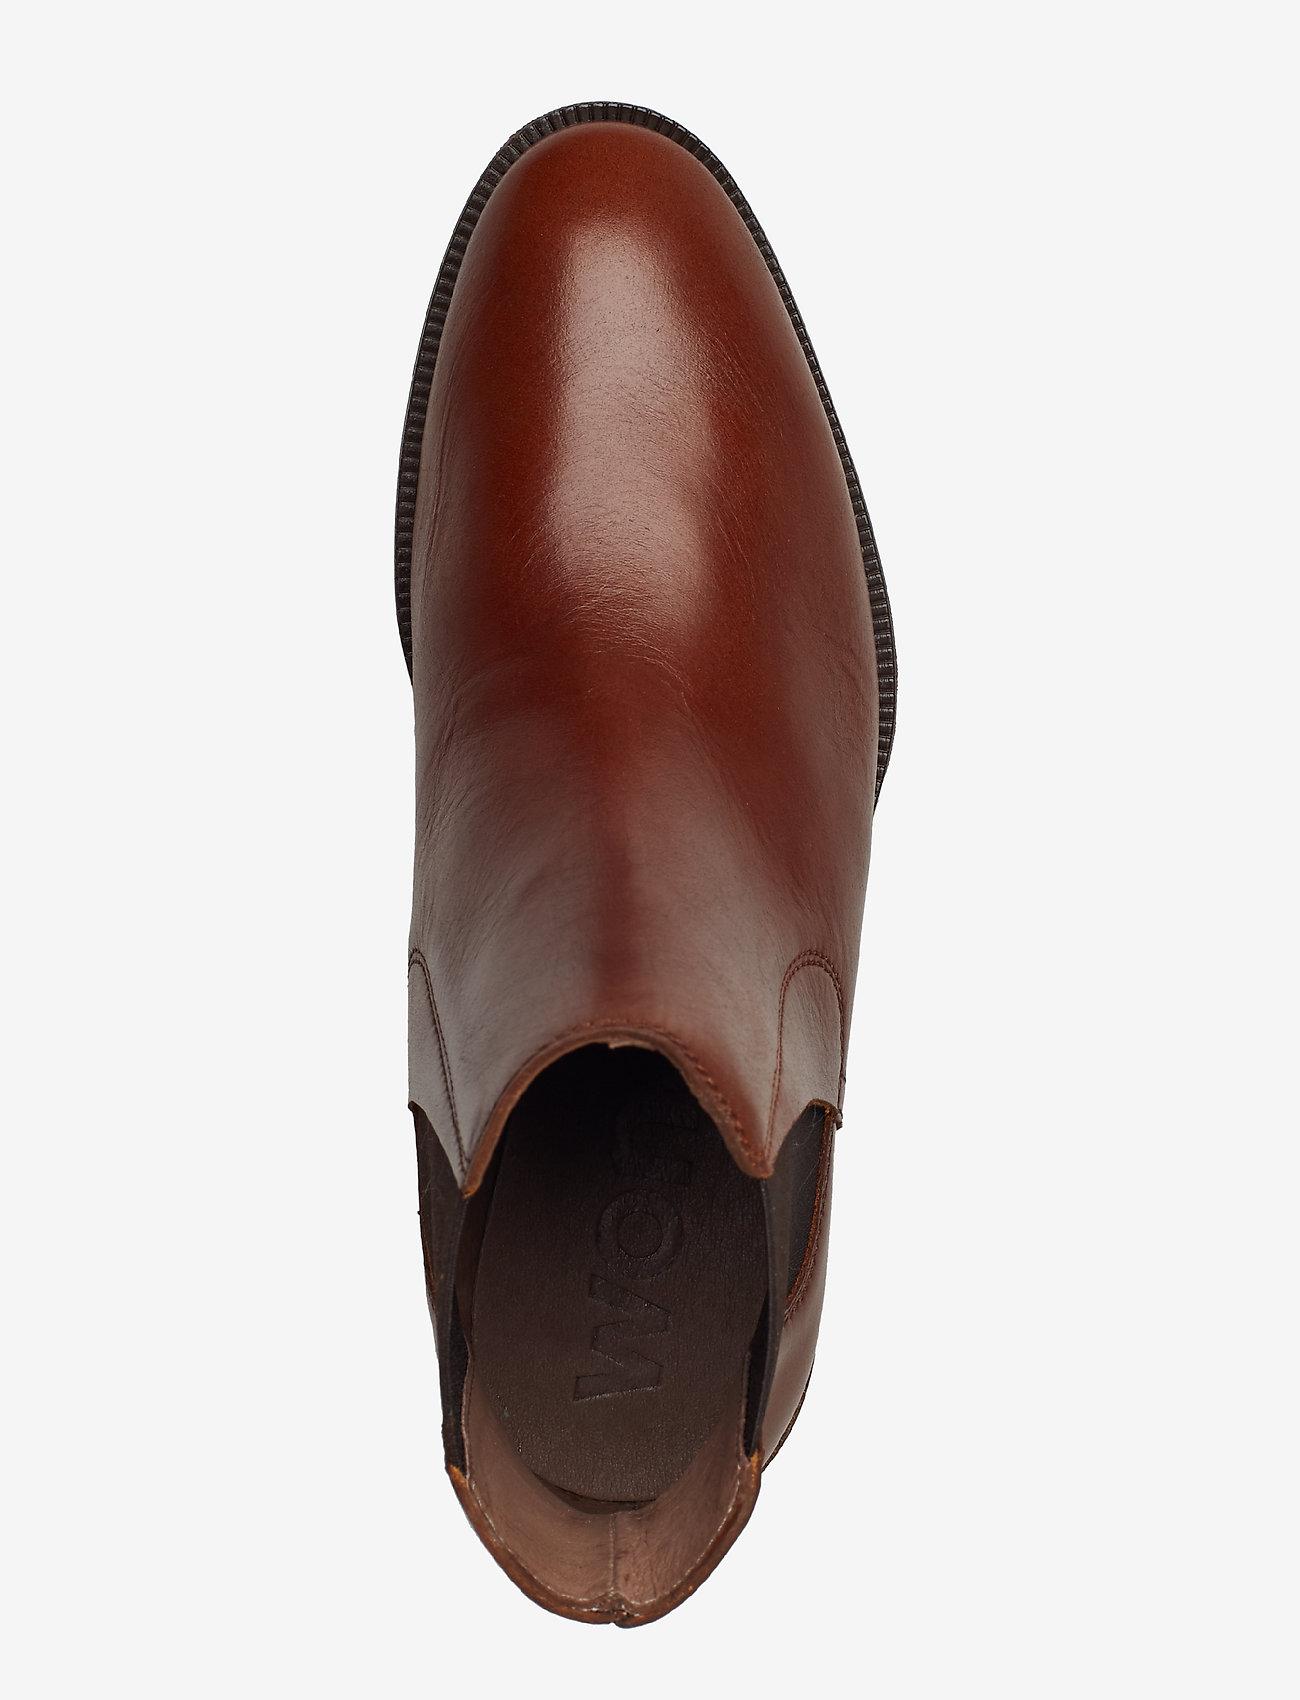 B-7204 (Brown) (79.50 €) - Wonders pcwHp